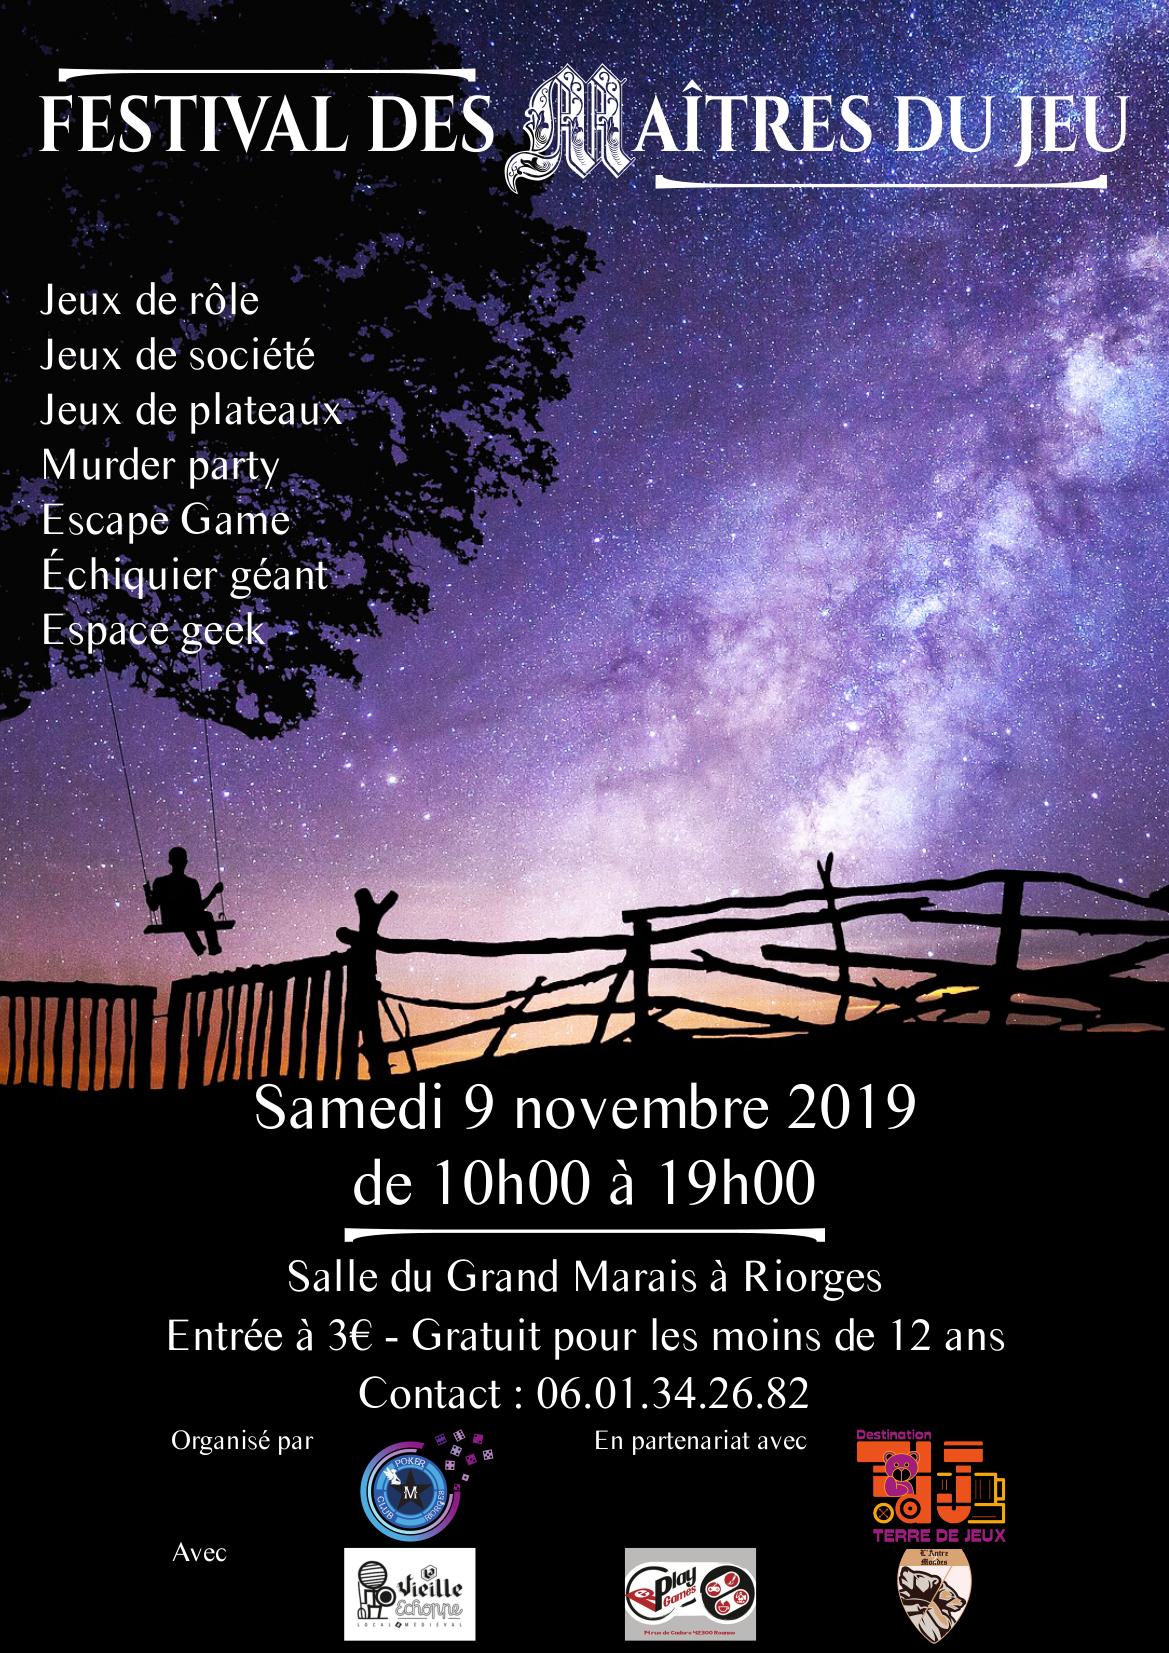 Samedi 9 Novembre : Participation au Festival des Maîtres du Jeu à Riorges VGLE9